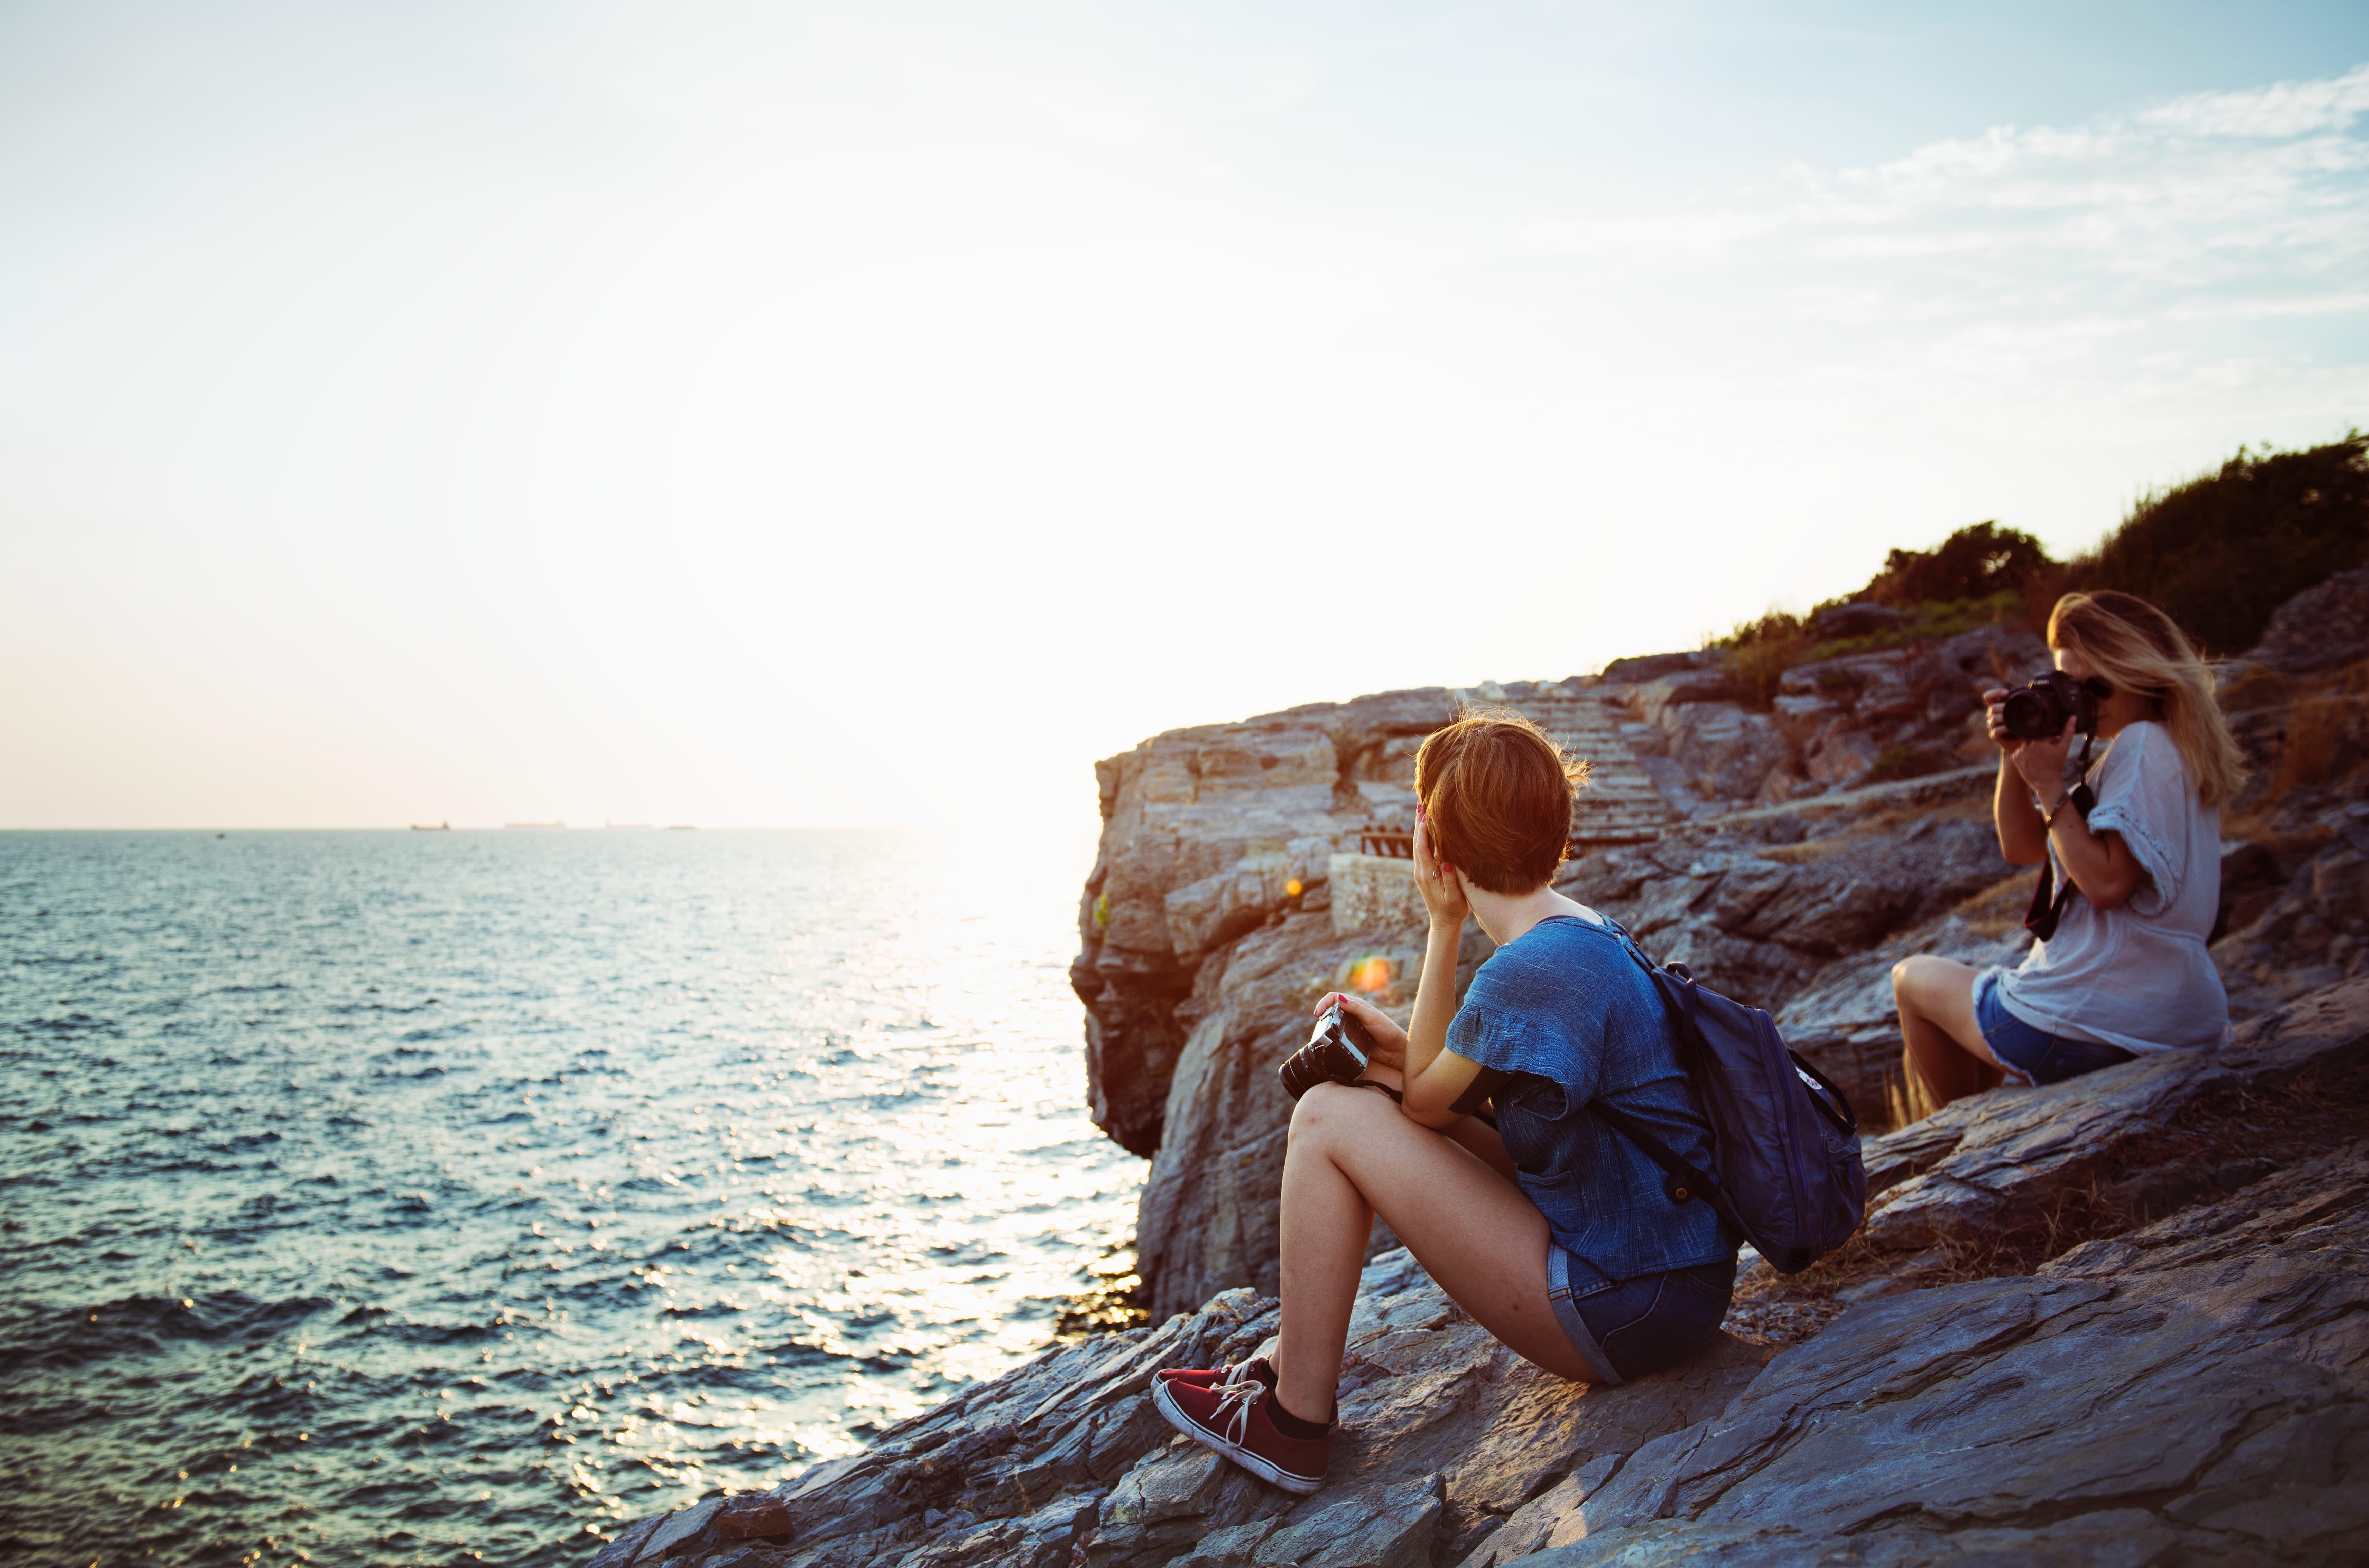 partir en vacances d'été à petits prix